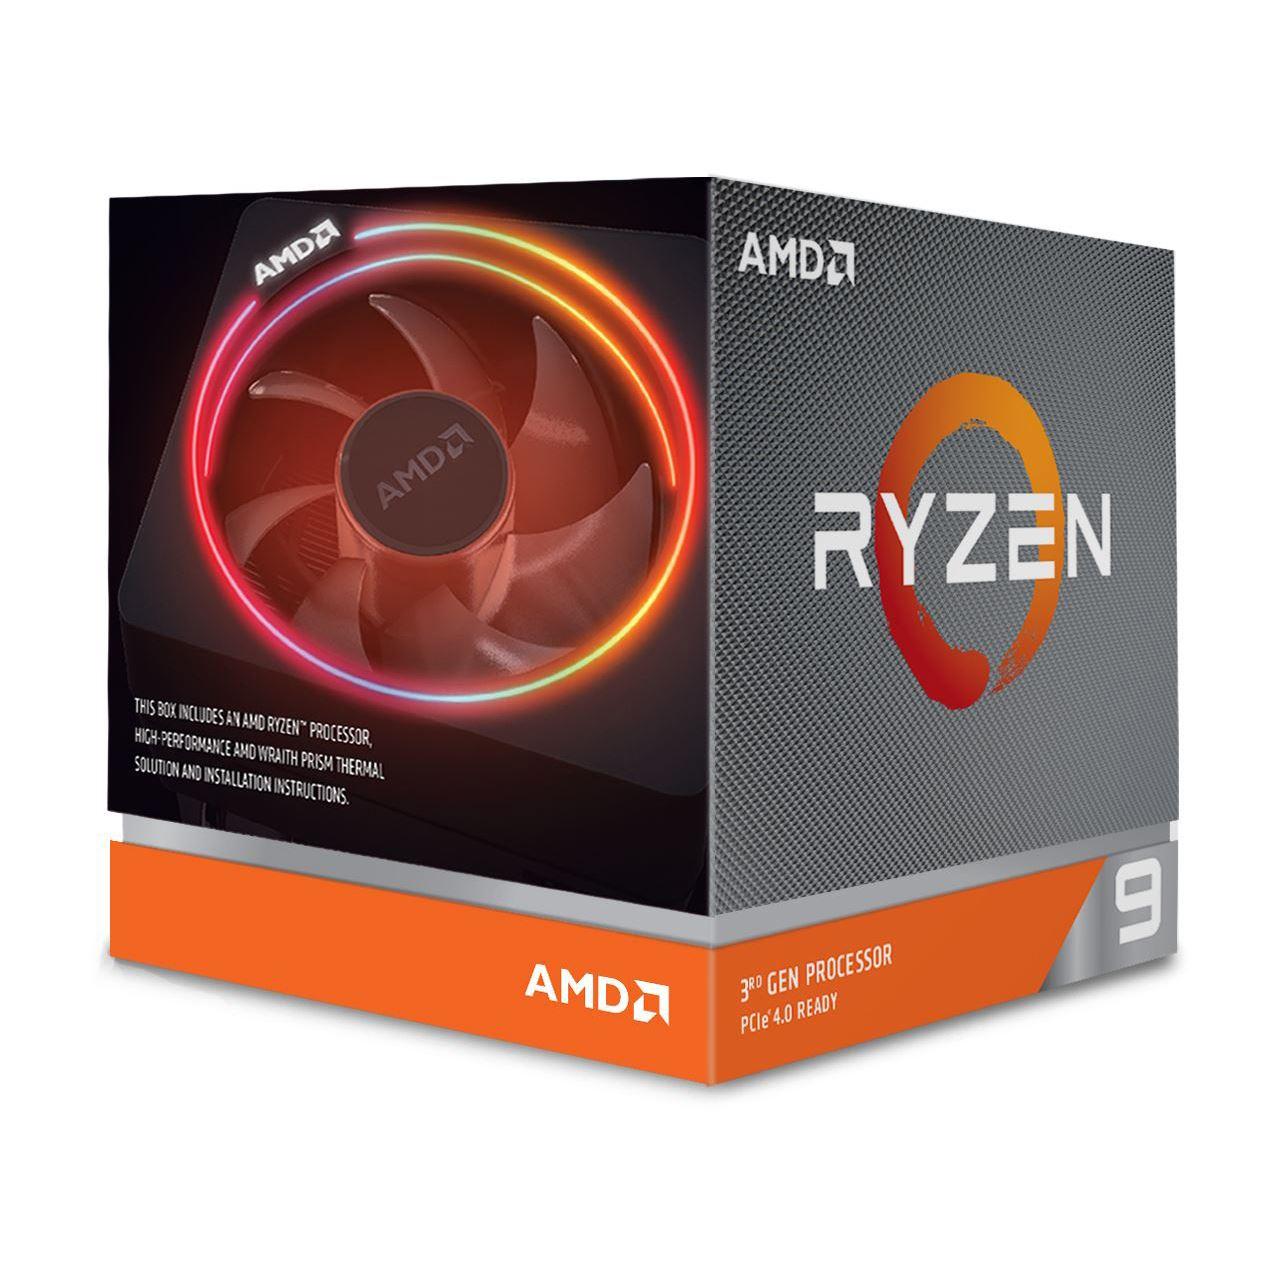 AMD Ryzen 9 3900X Boxed, kein Tray